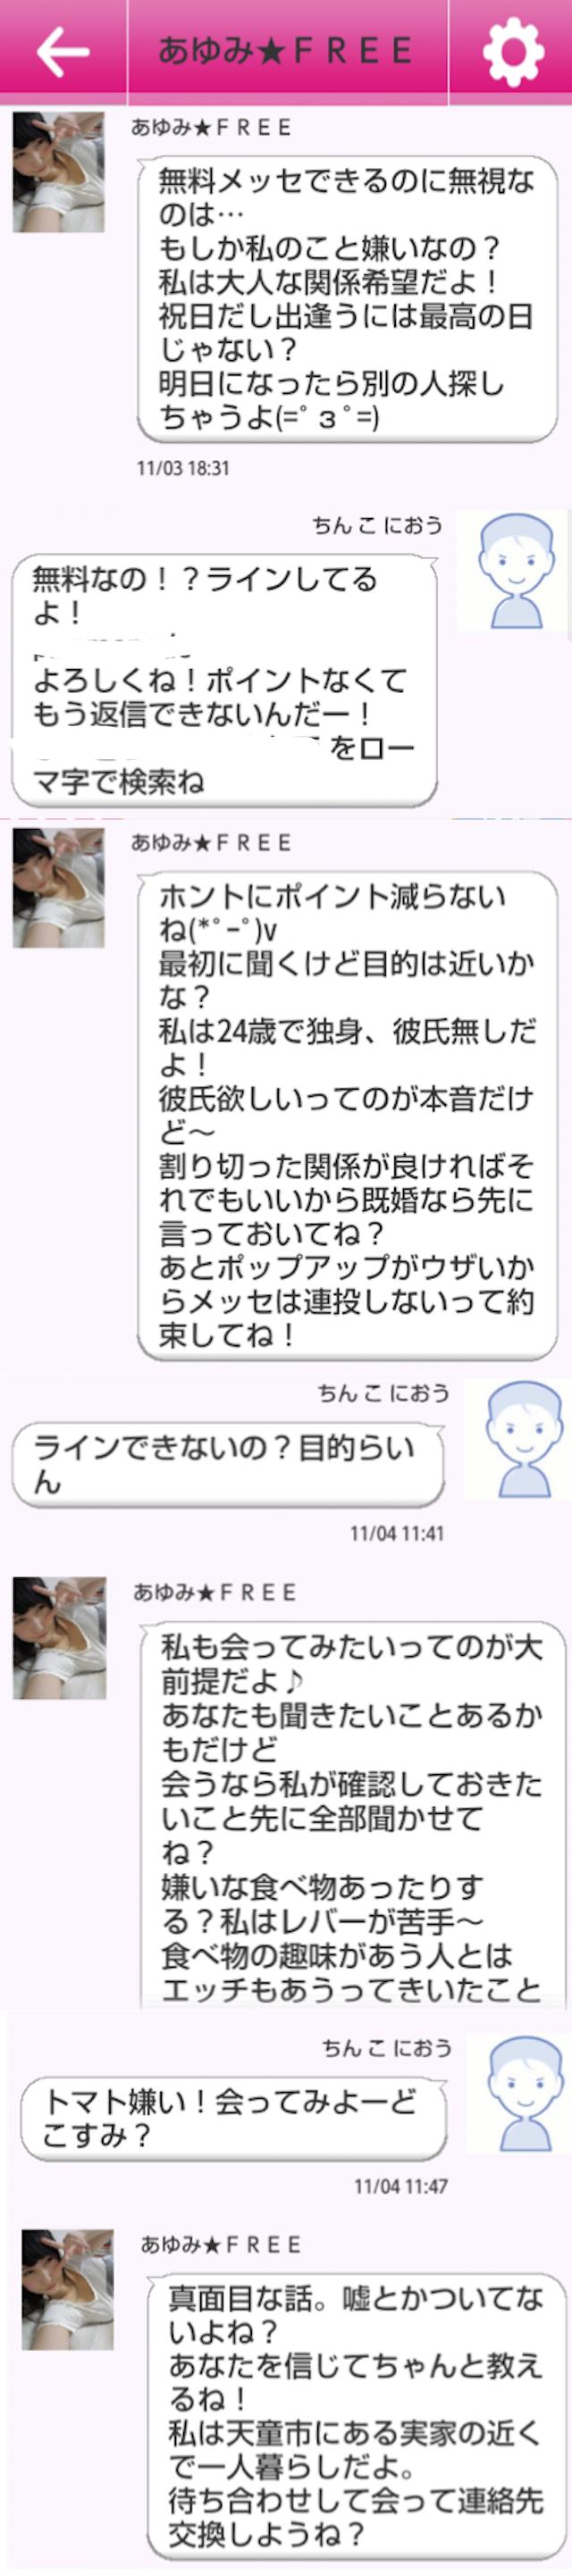 マル秘チャット_アプリ5